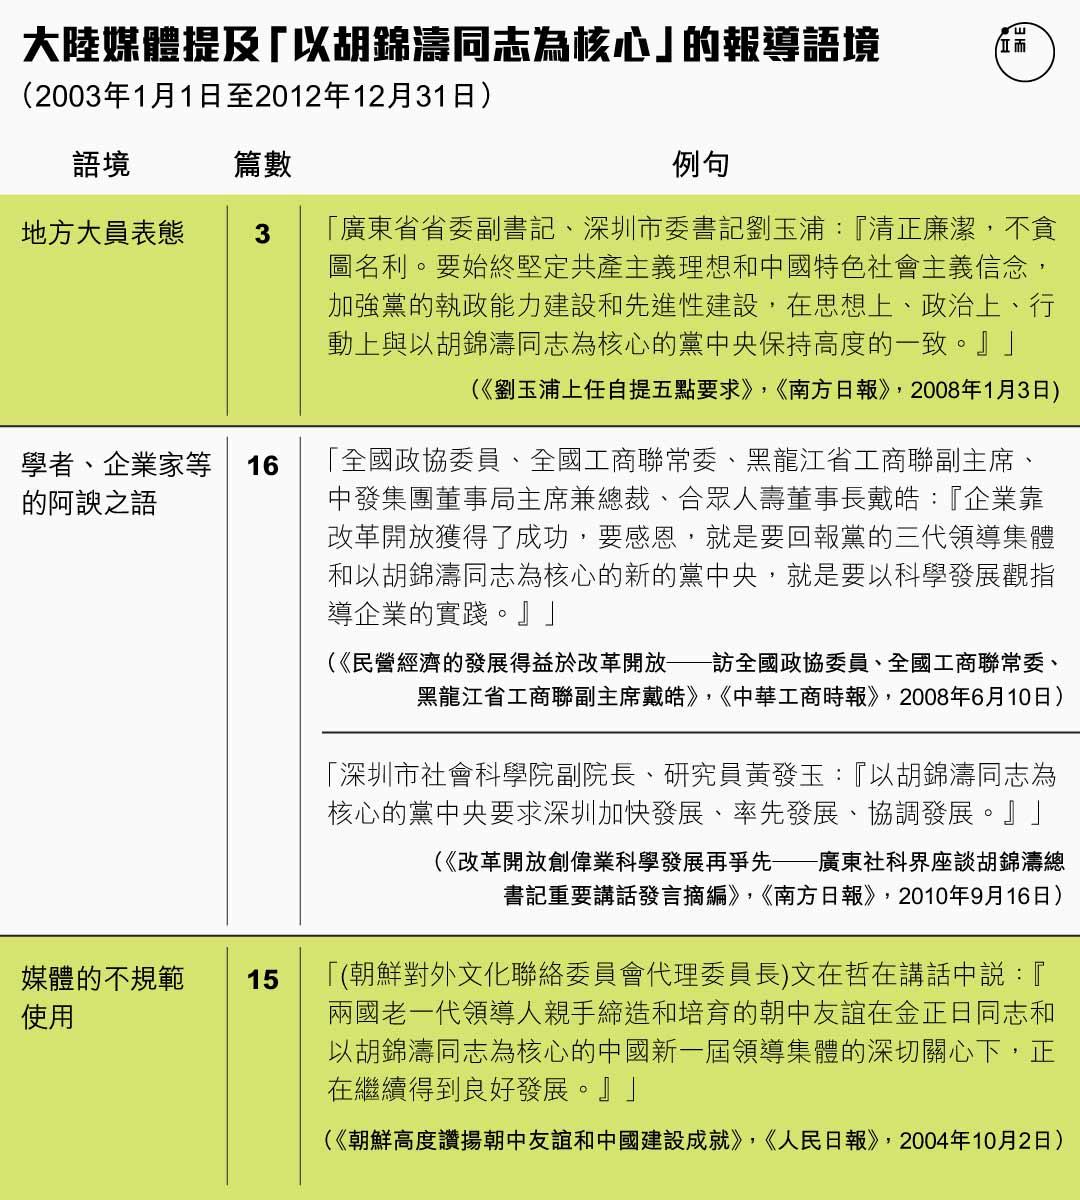 大陸媒體提及胡錦濤「核心」報導語境(2003年1月1日至2012年12月31日)端傳媒設計部